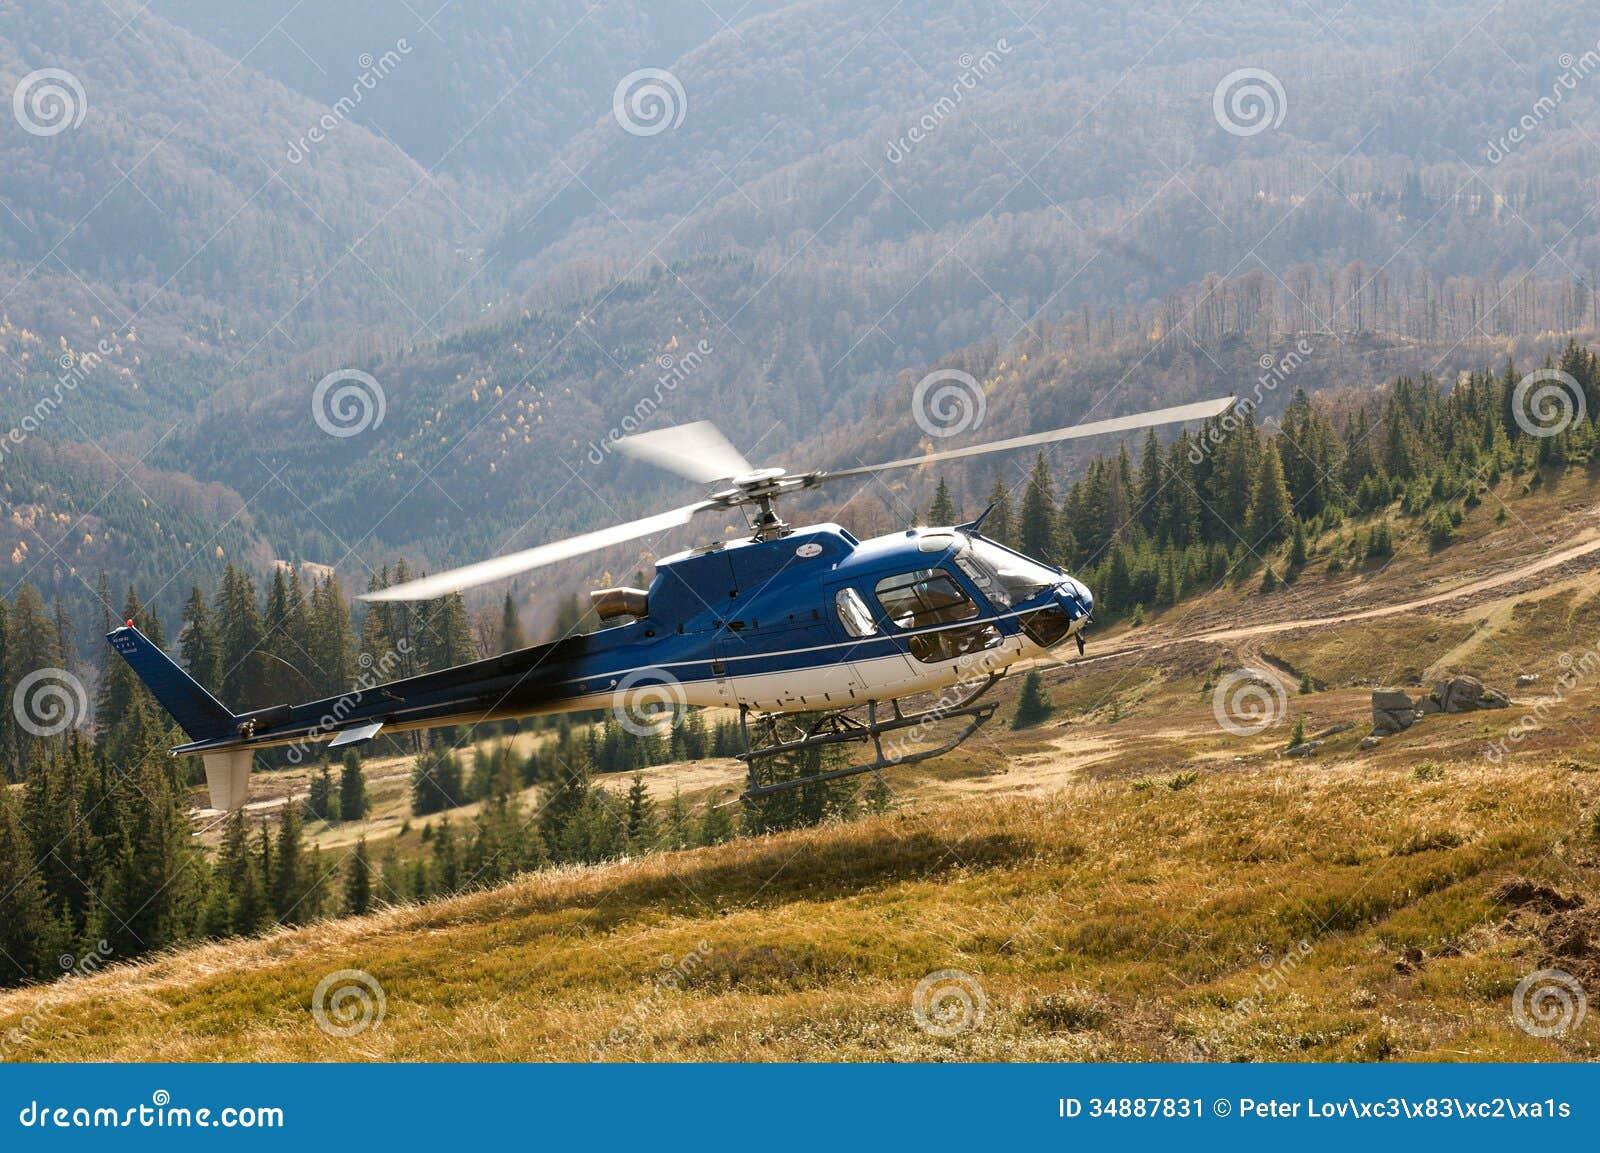 Elicottero B3 : Elicottero ecureuil as b durante l atterraggio fotografia